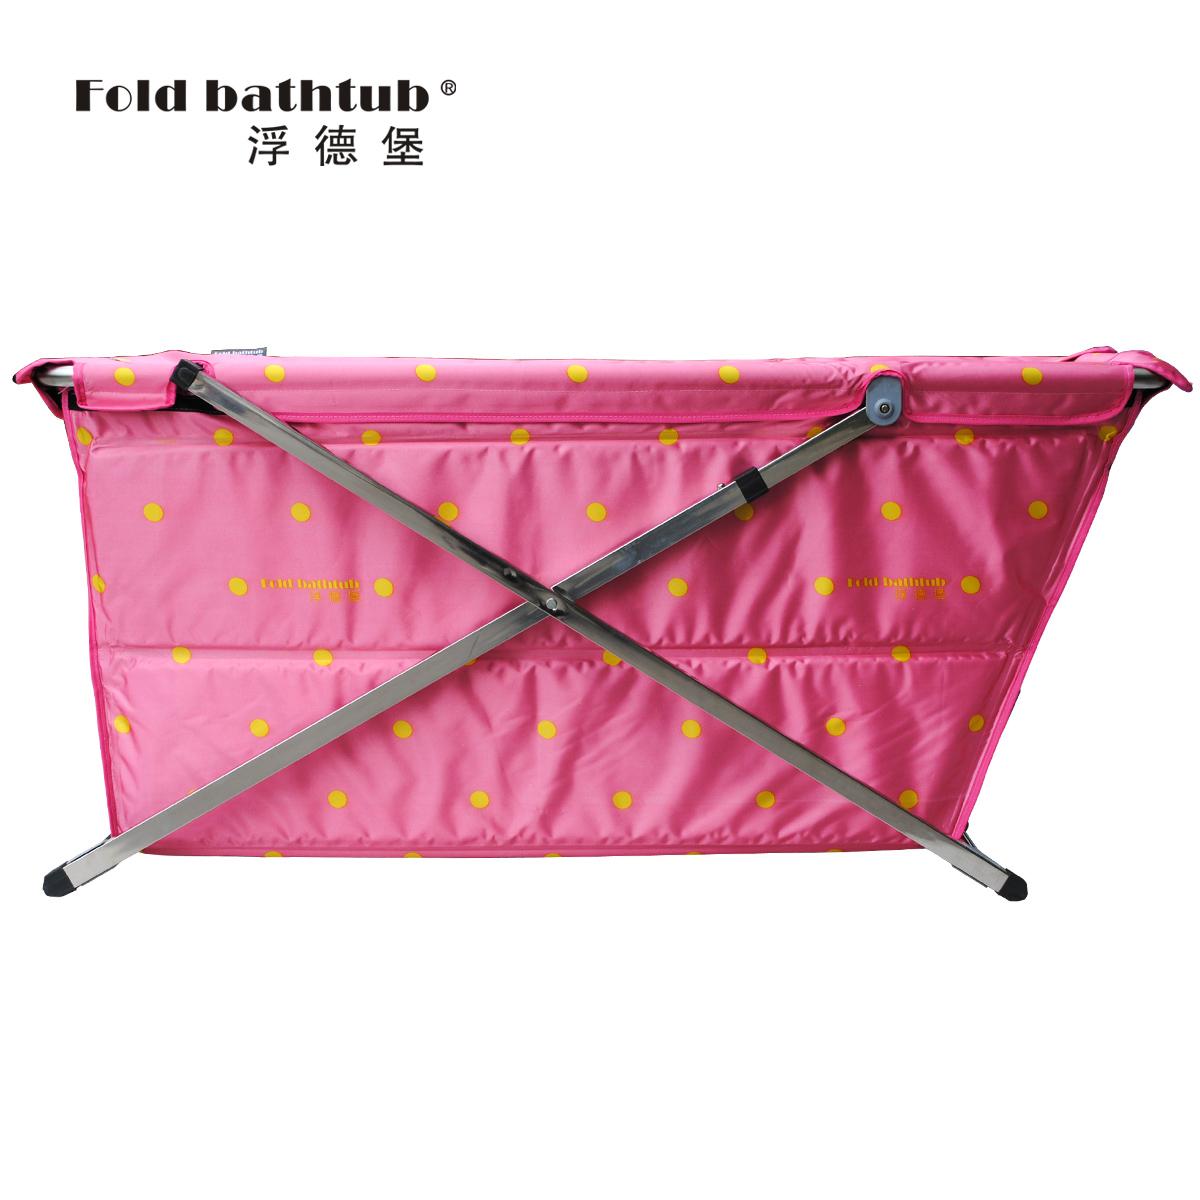 Емкость для ванны Fold bathtub 096h